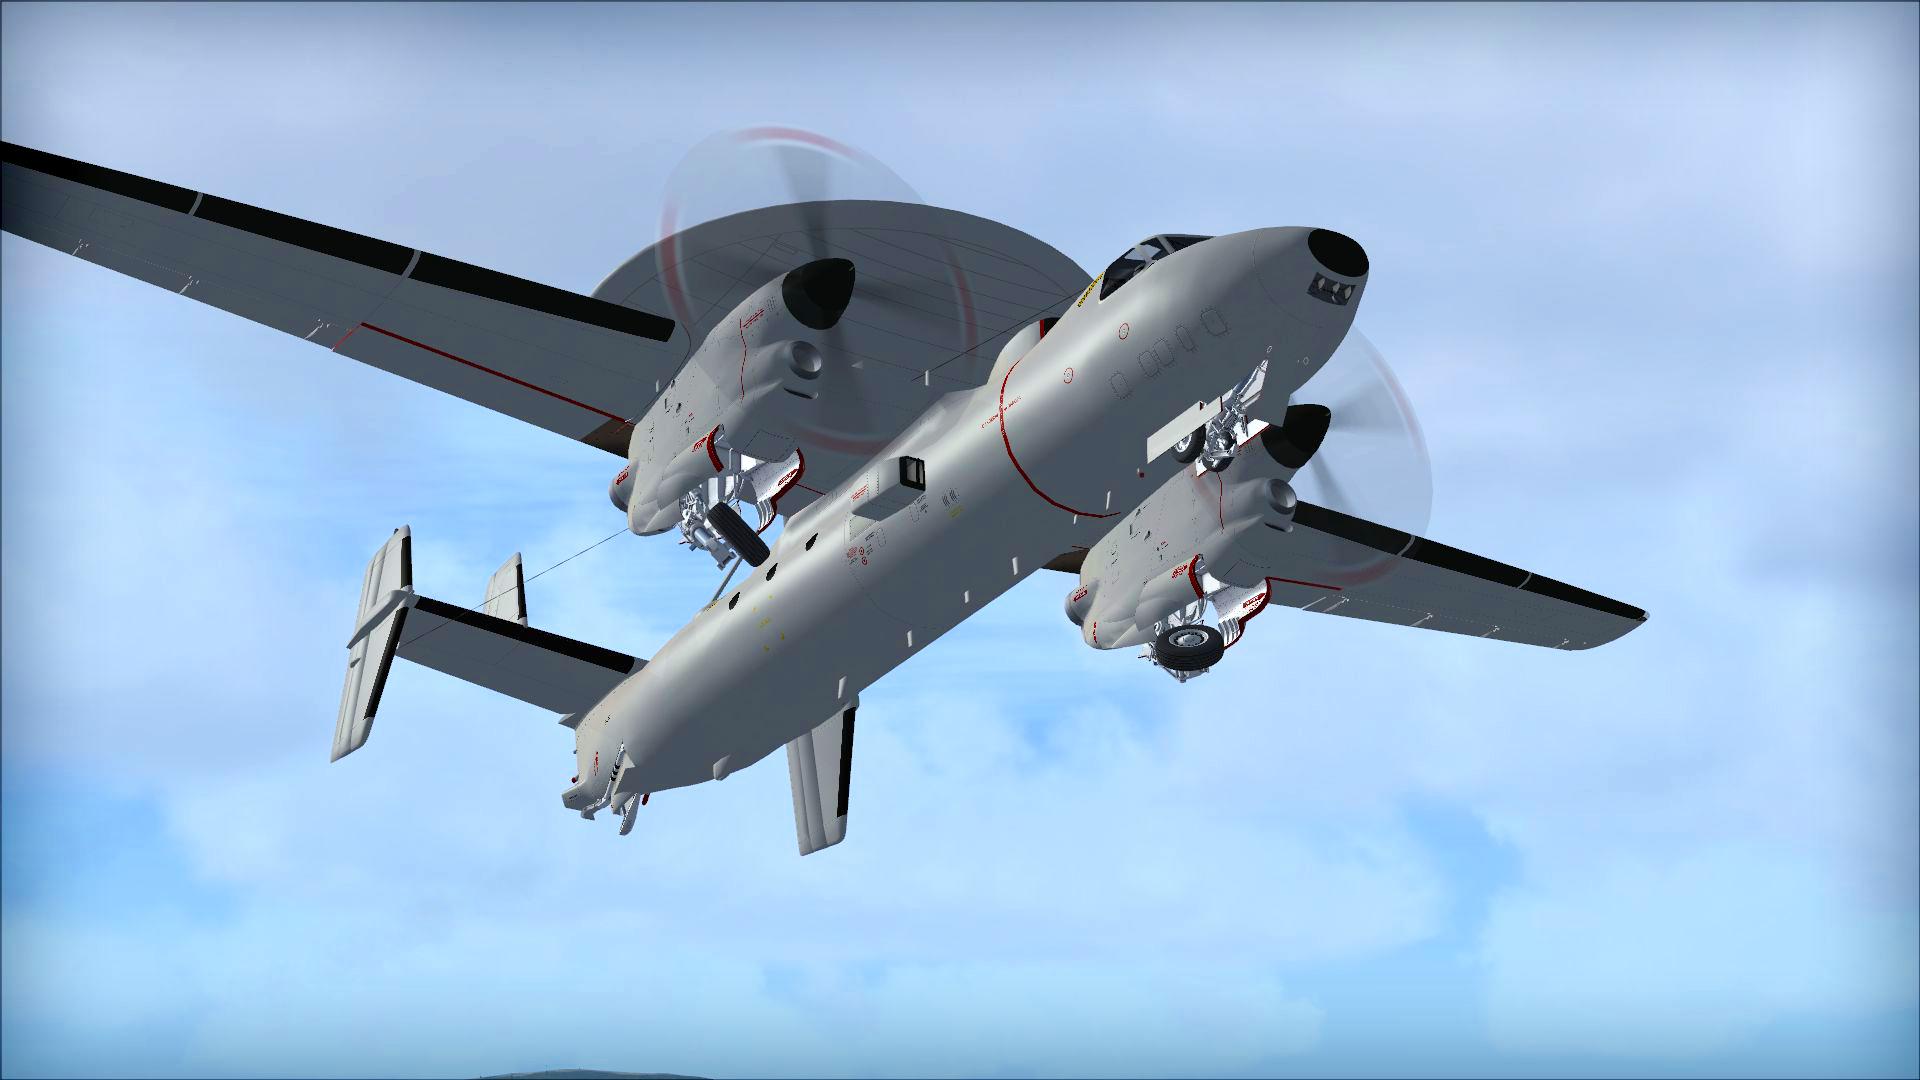 FSX: Steam Edition: Grumman E-2C Hawkeye® Add-On